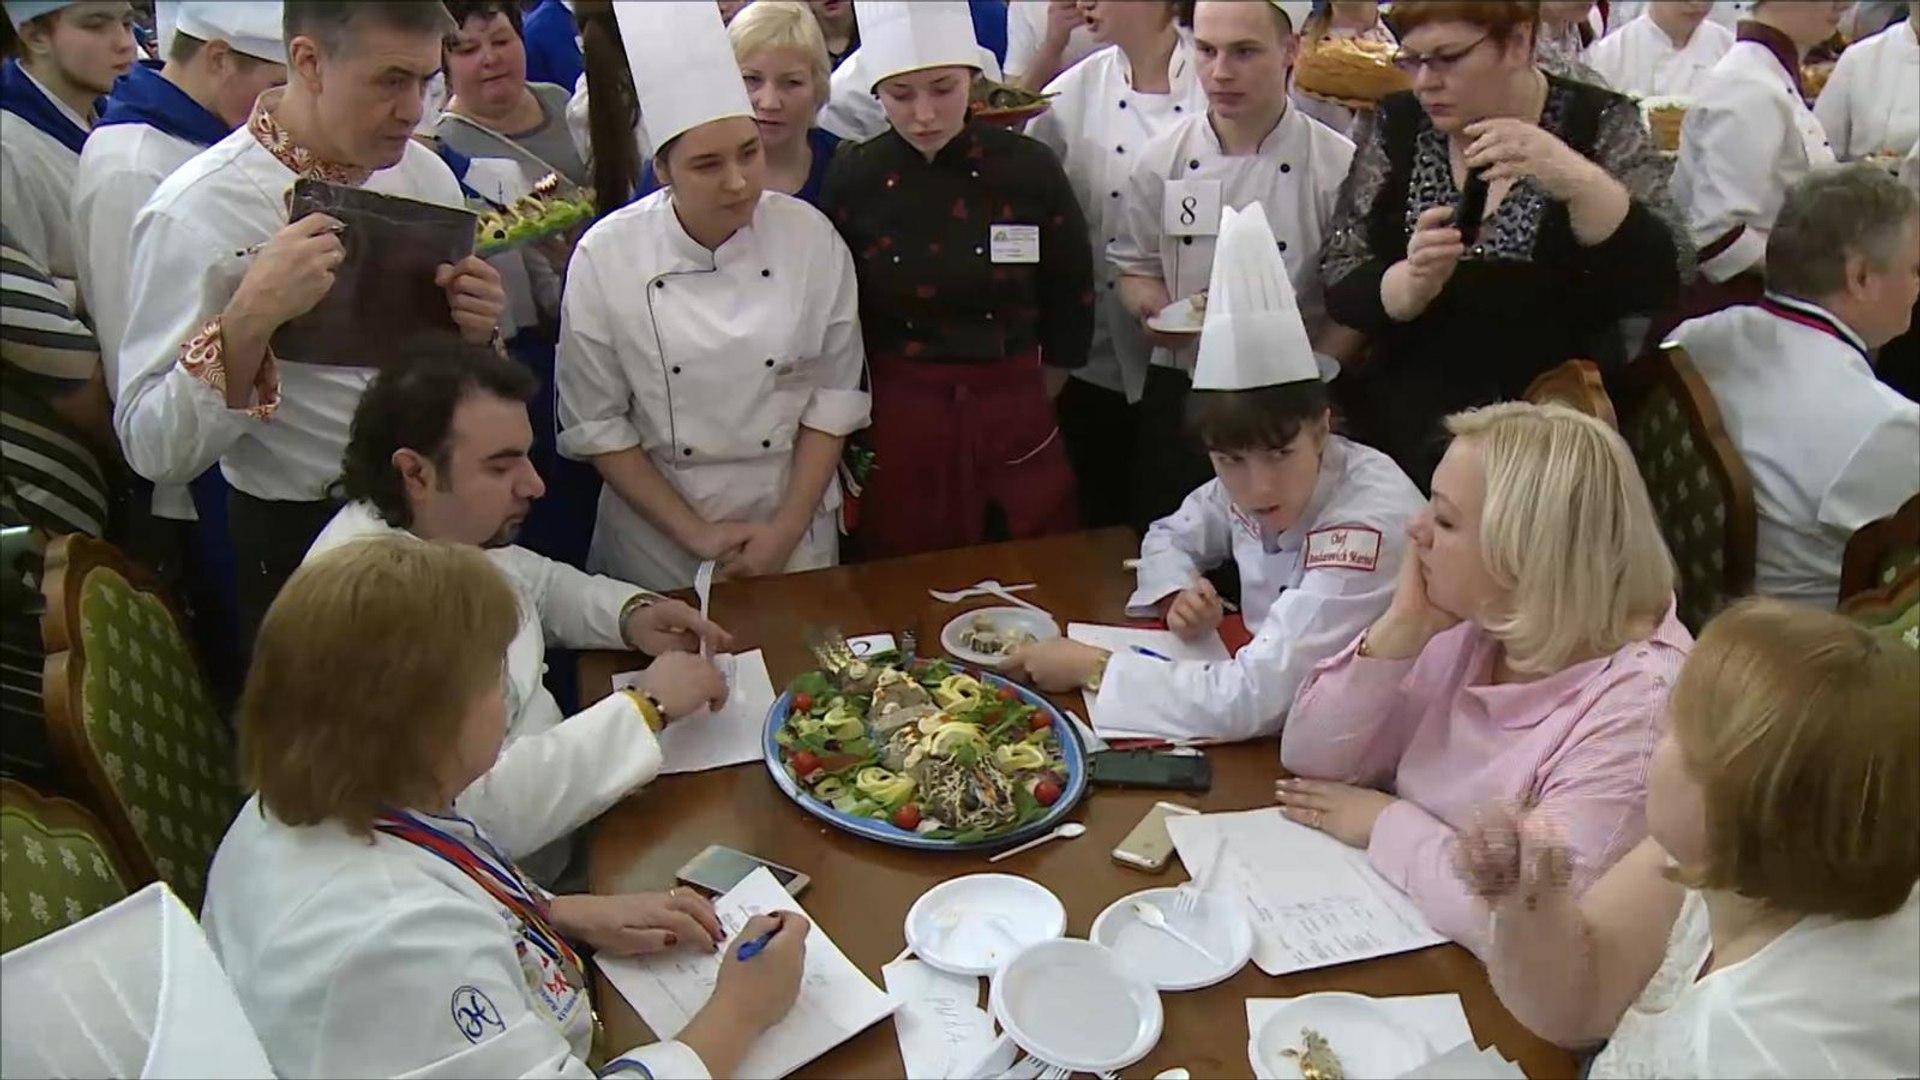 هذا الصباح- مهرجان لإحياء فن الطبخ التقليدي بروسيا